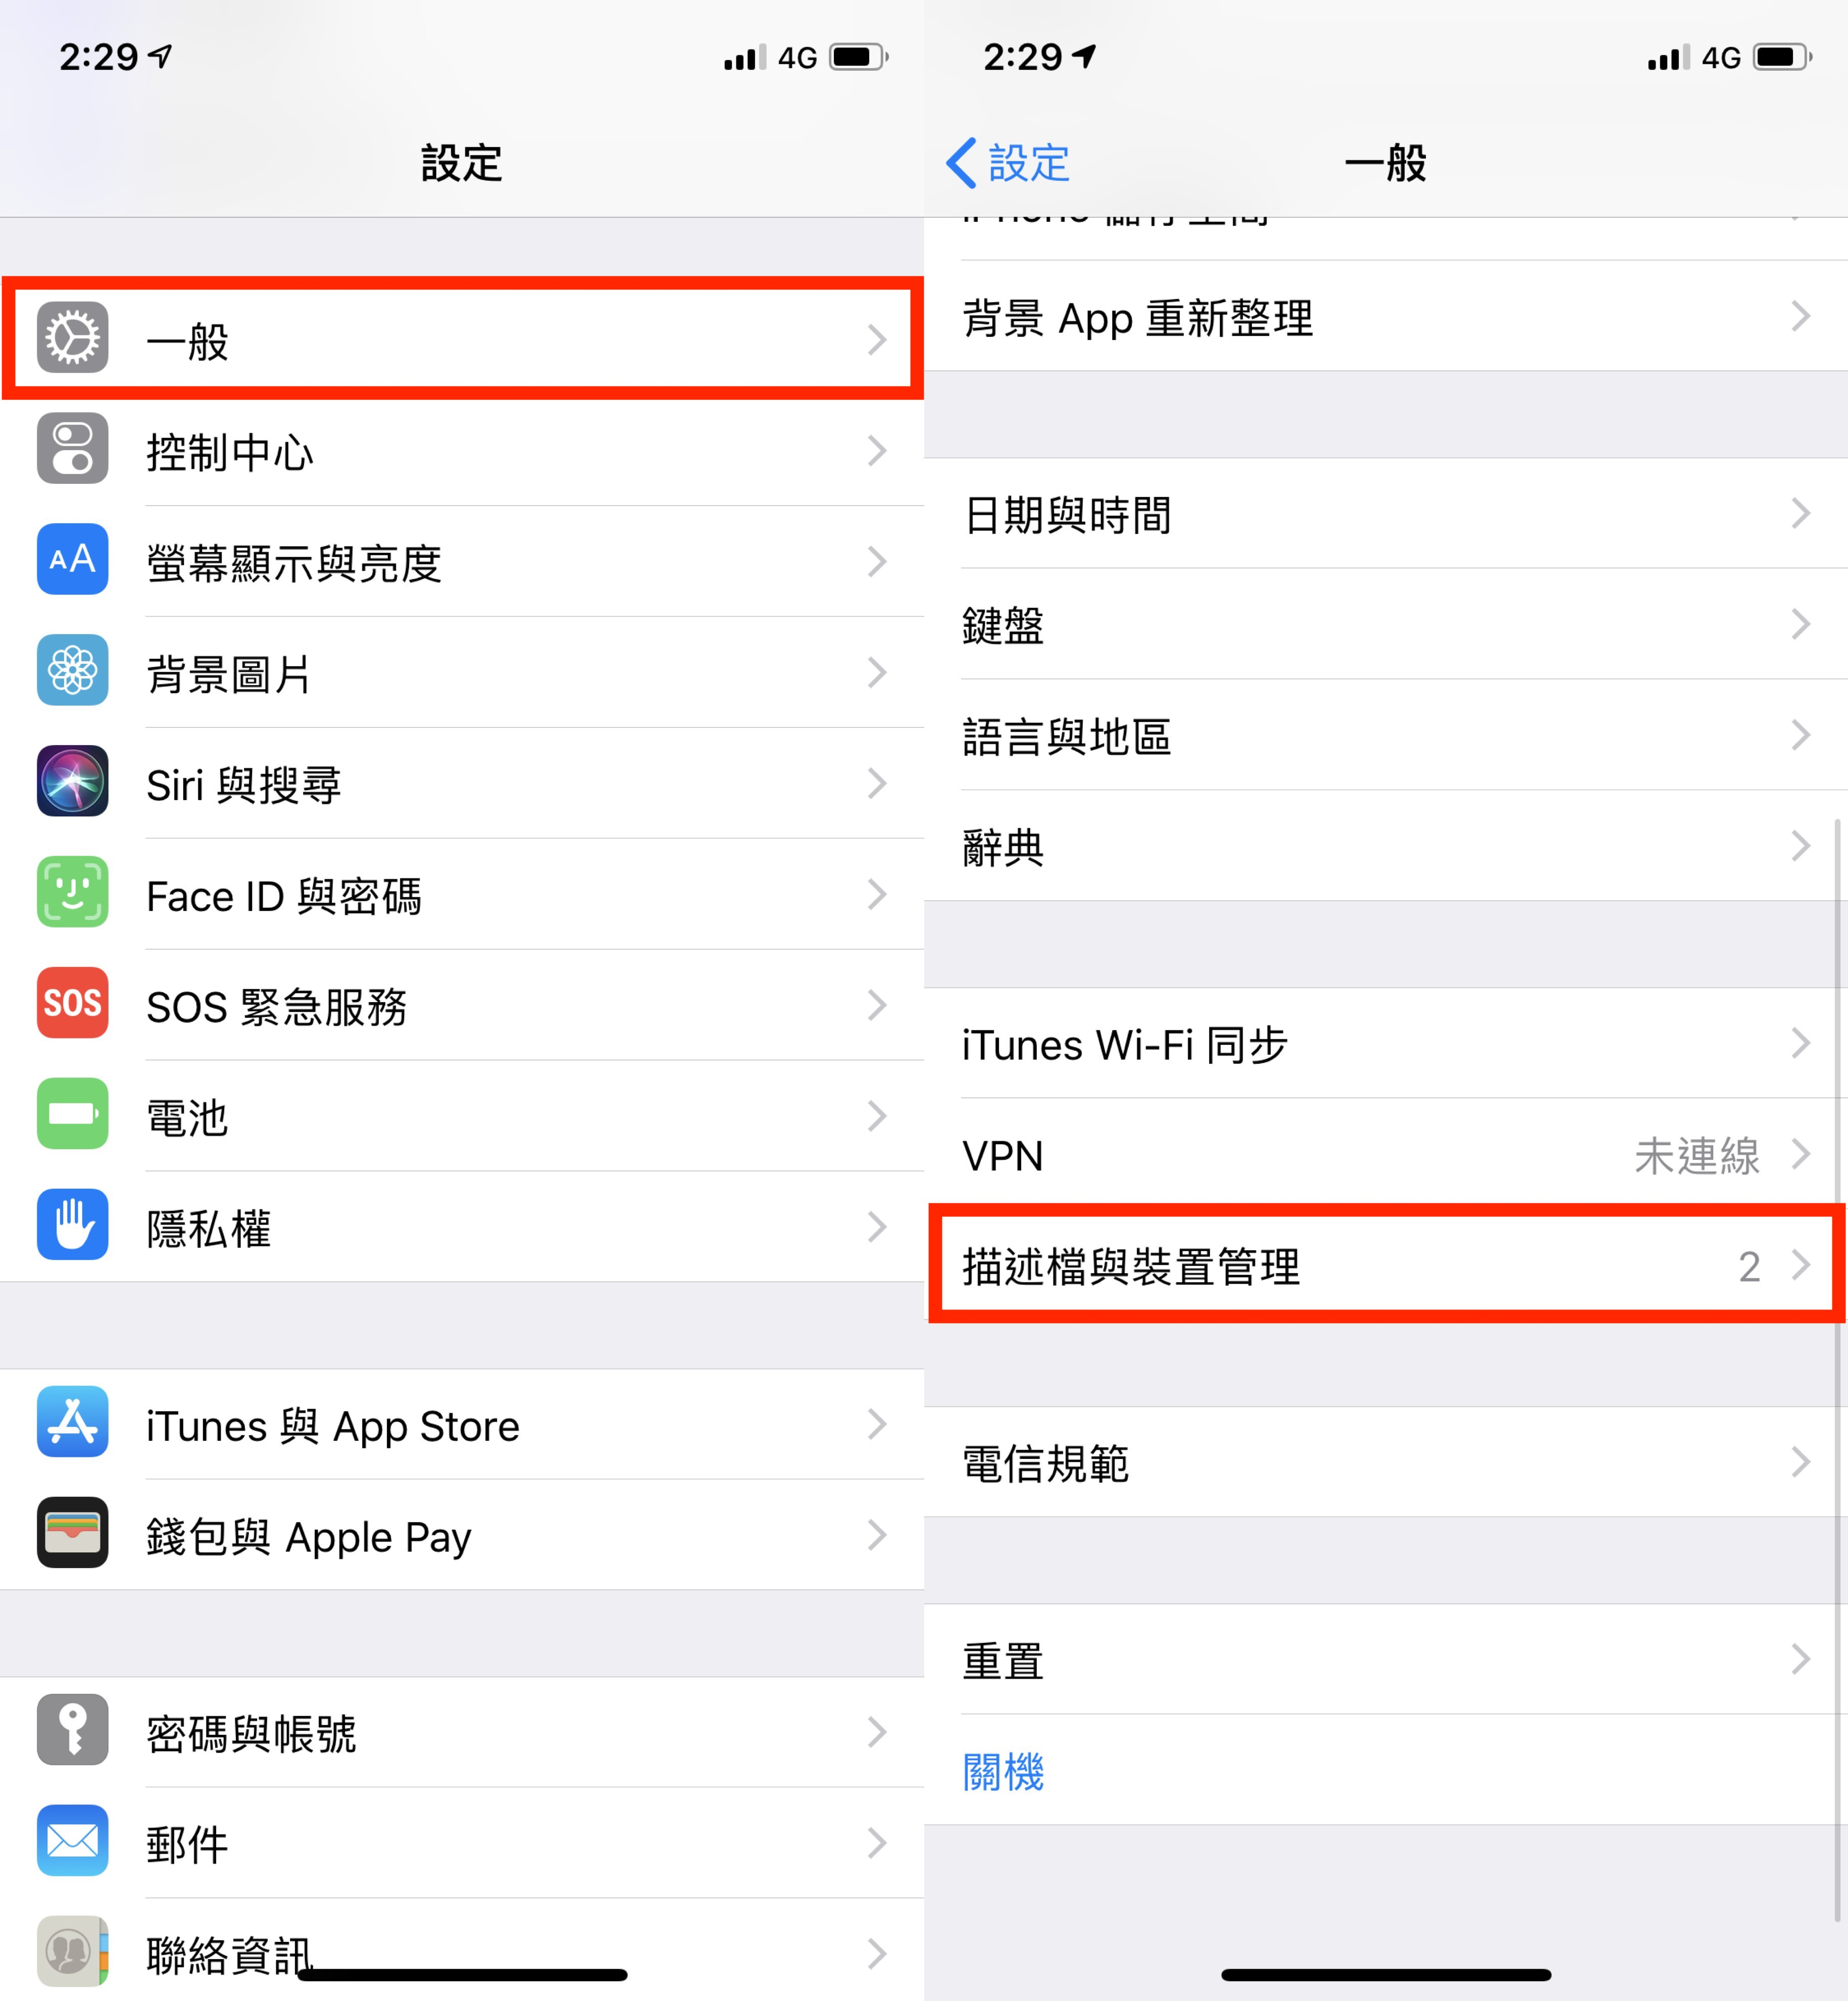 iOS 12 正式版、iOS 12 Beta降級正式版、iOS 12 Beta 升級正式版、iOS 12 Beta